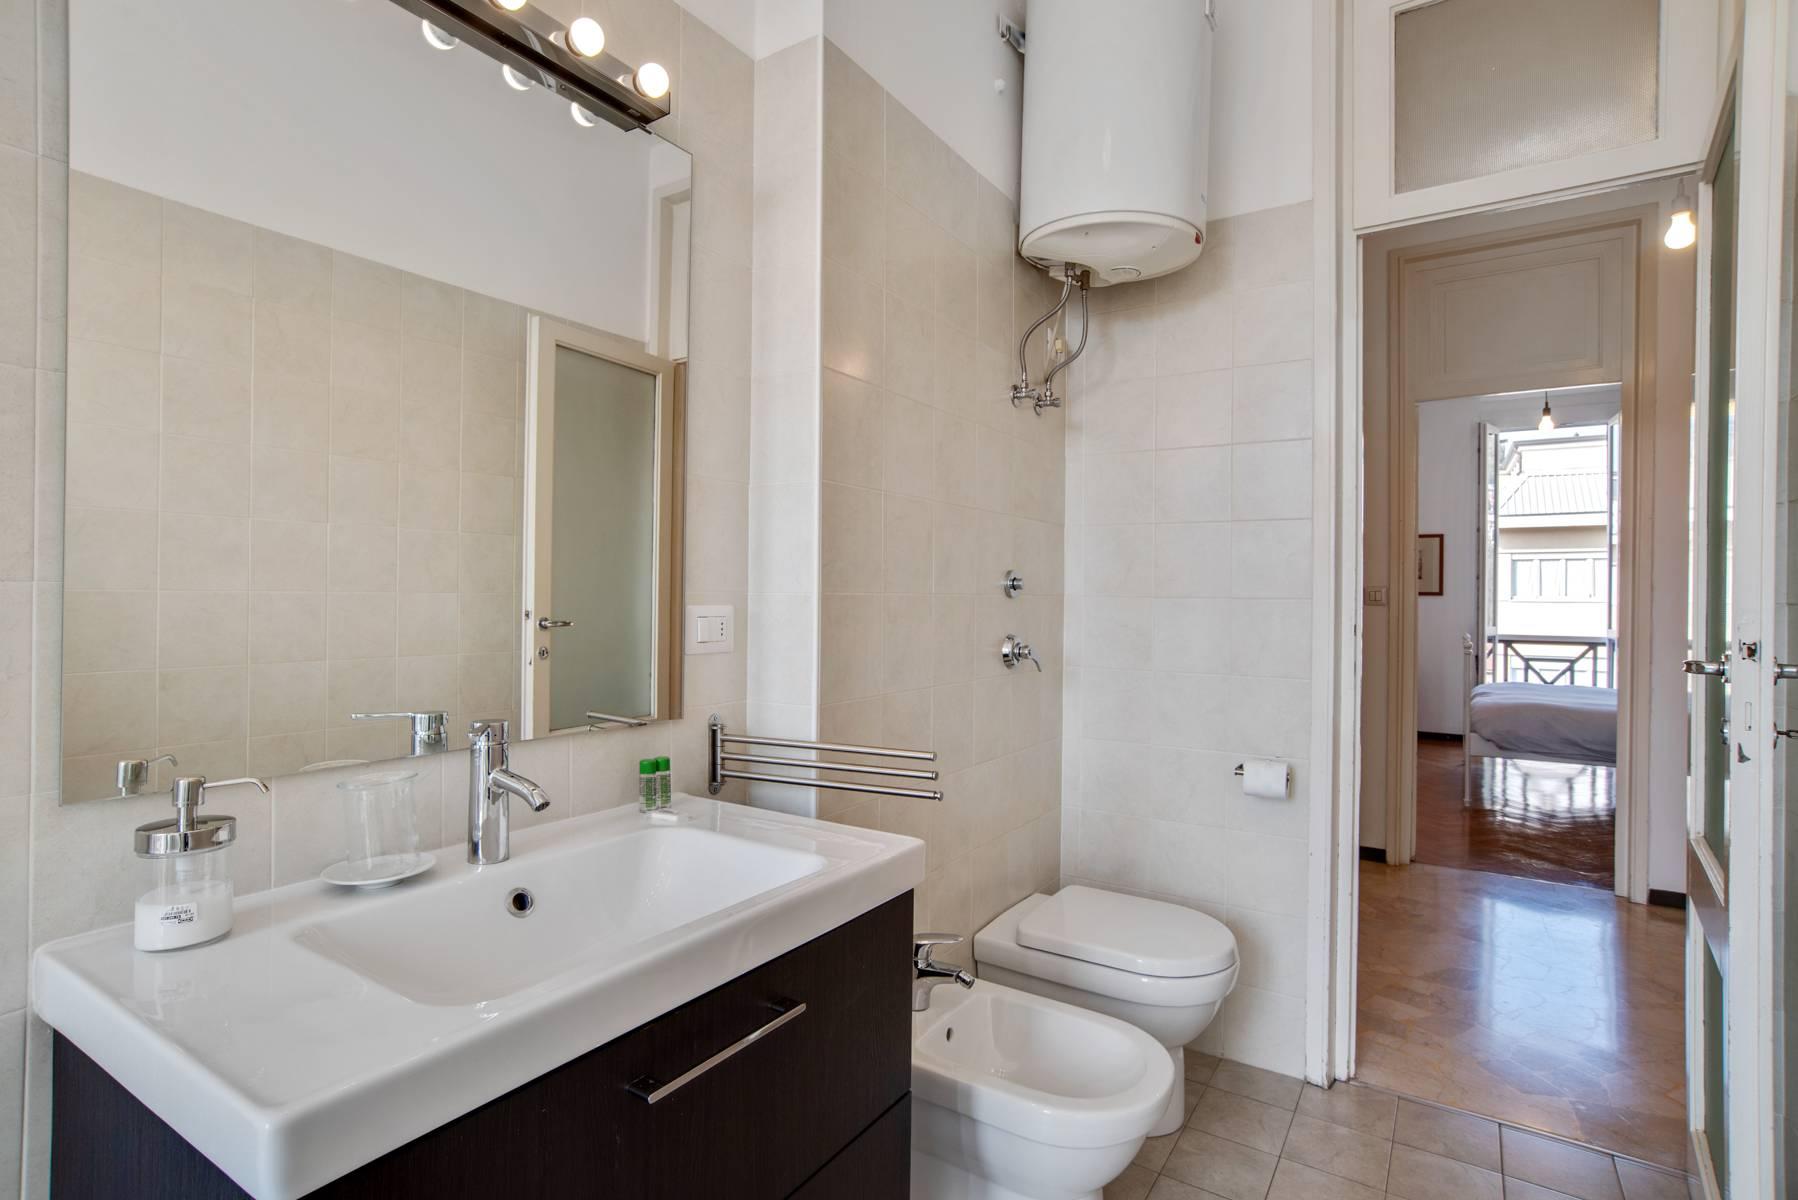 Appartamento in Affitto a Como: 3 locali, 80 mq - Foto 13